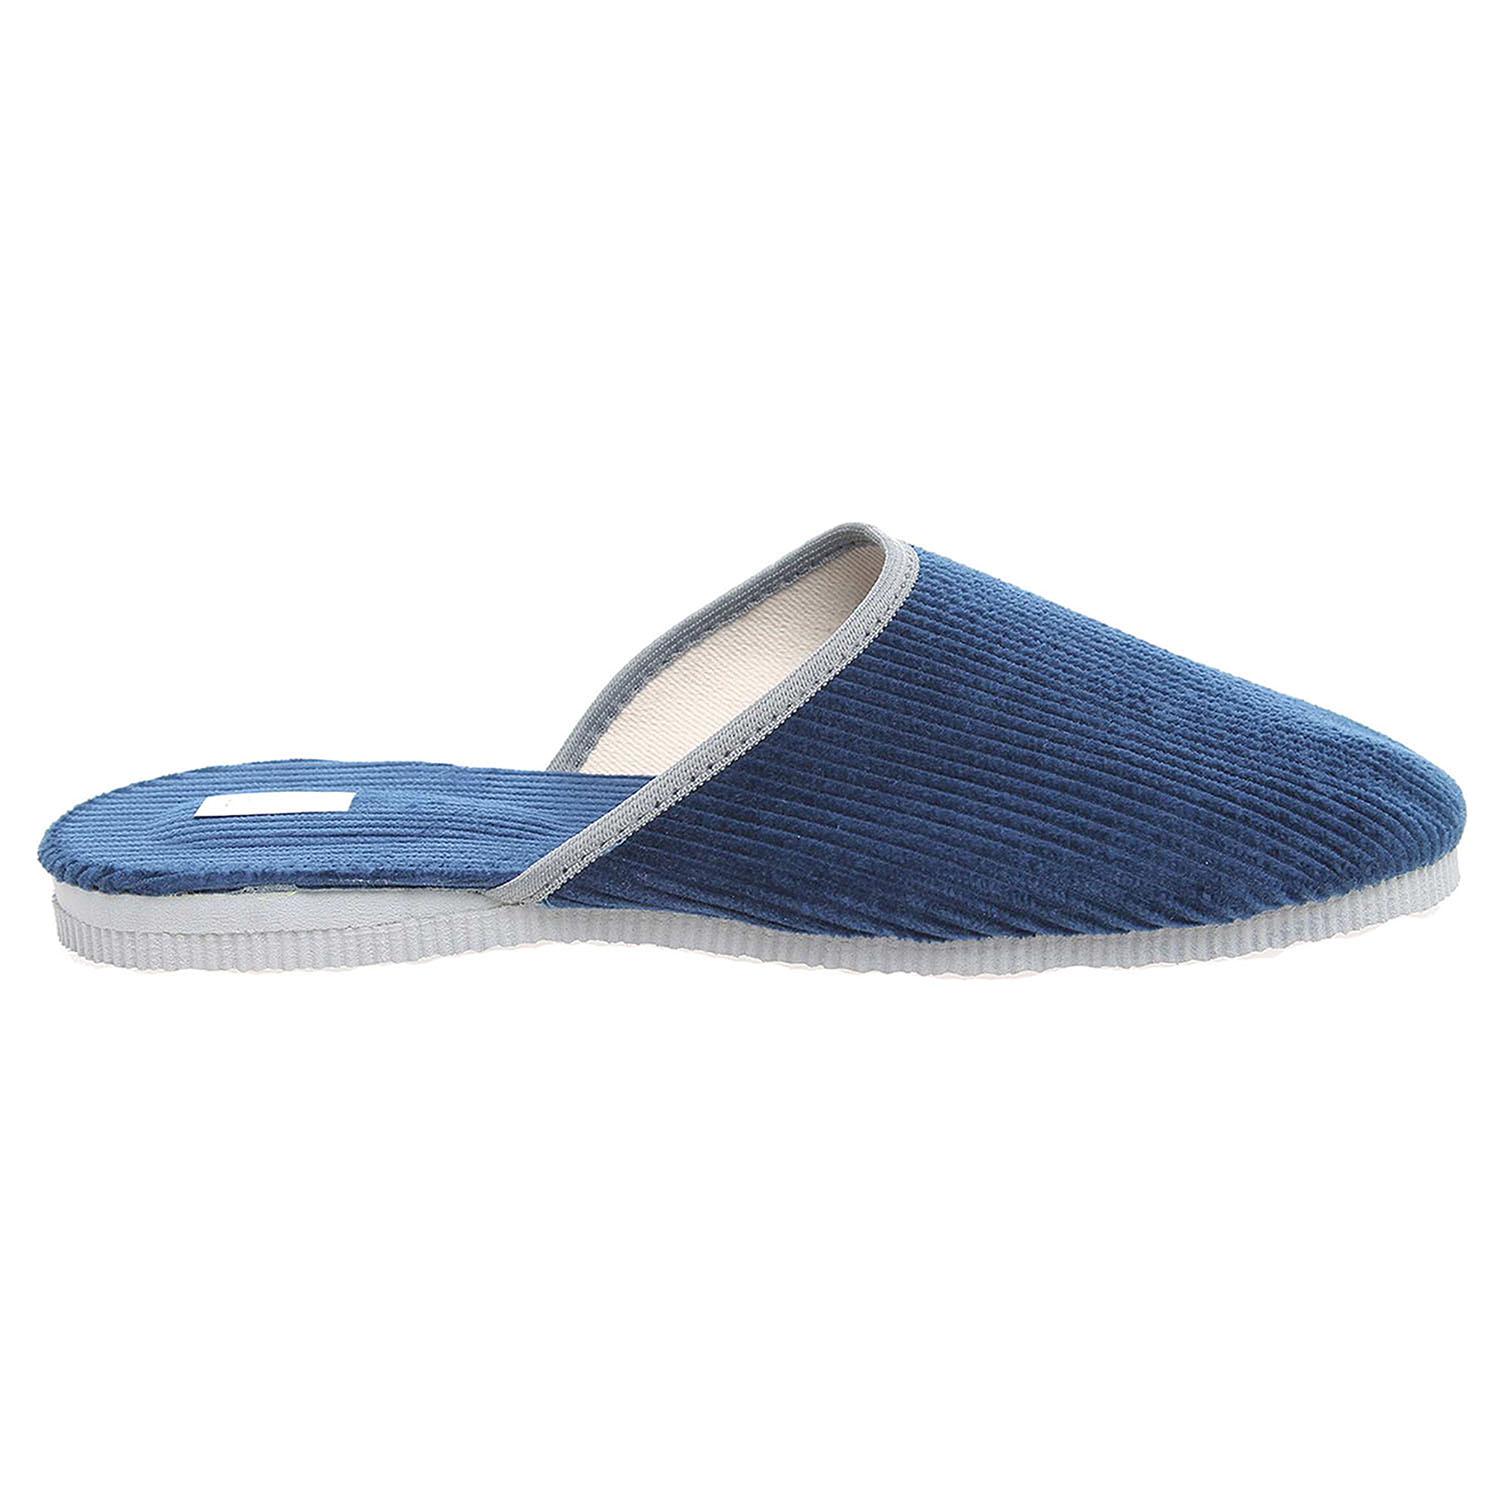 Ecco Pánské domácí pantofle 1009.00 modré 24800244